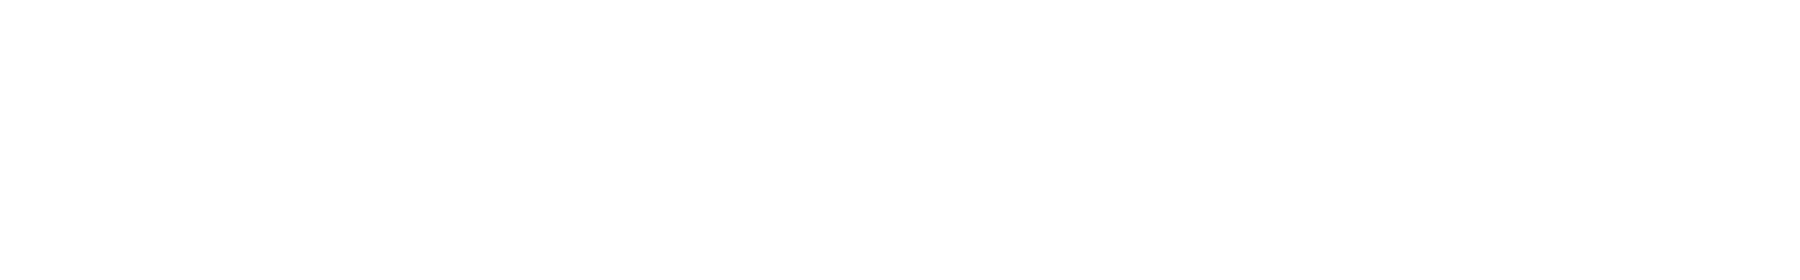 ehp synloop 130 lushprophet f